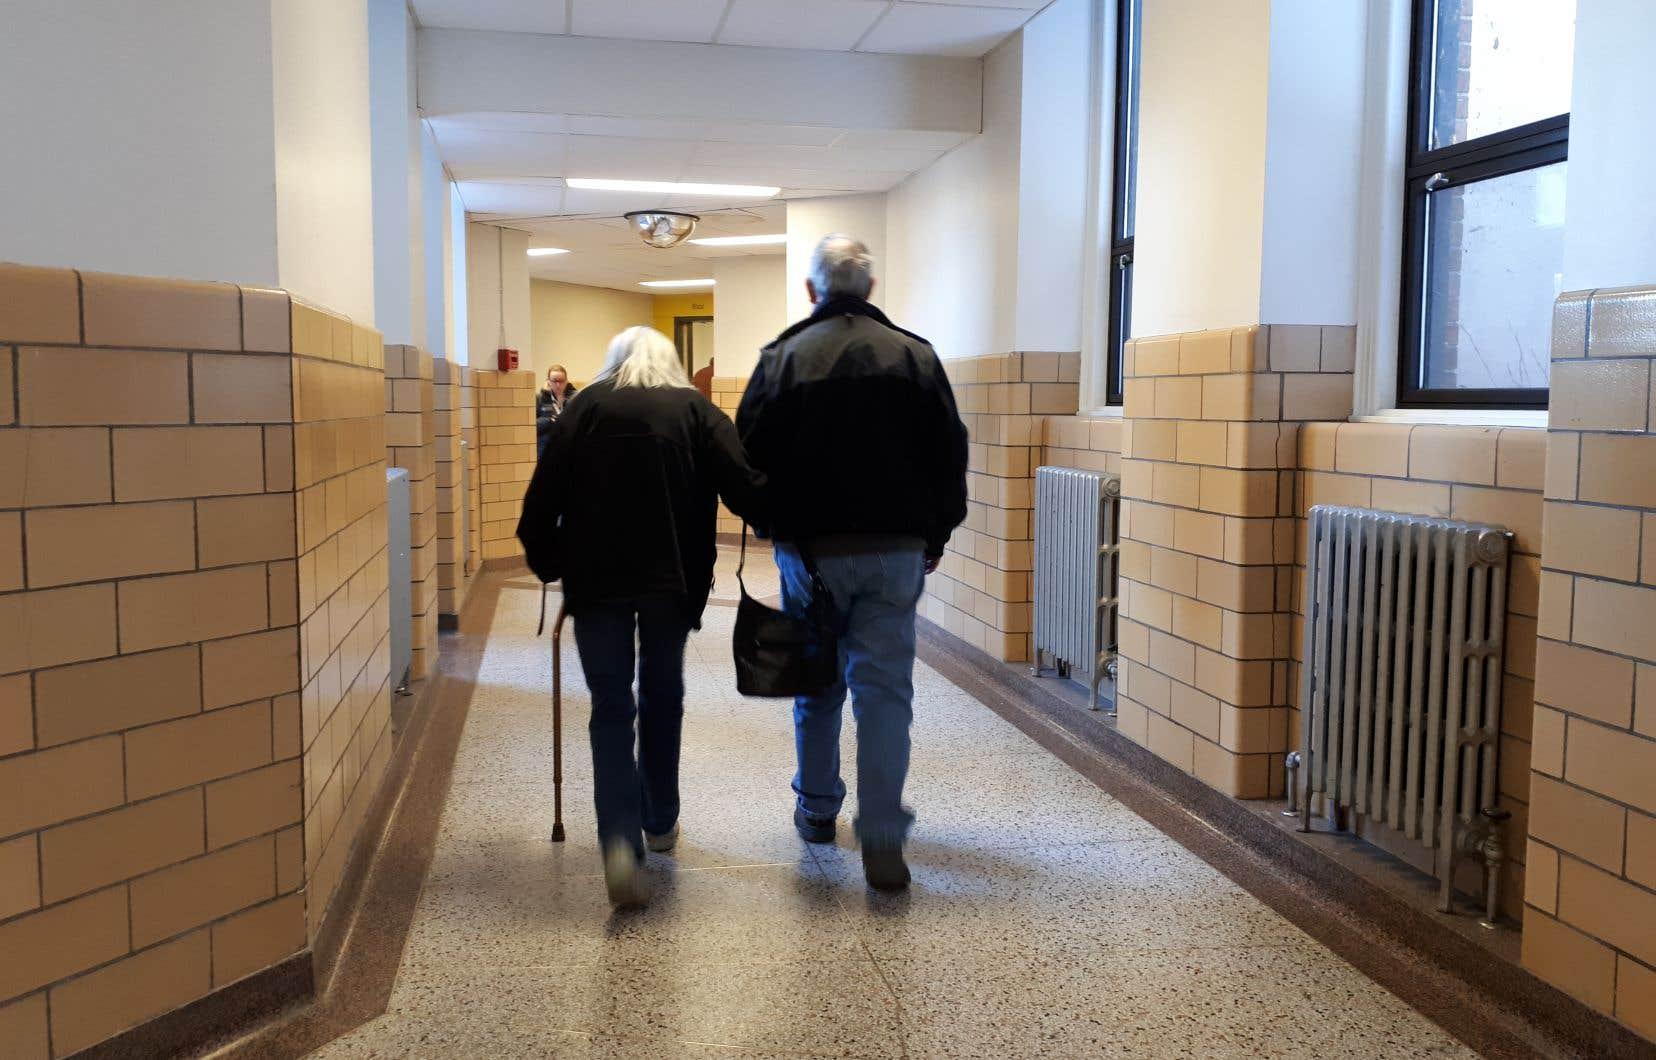 Alors que la génération des baby-boomers devient plus à risque de contracter des maladies cardiovasculaires, on constate que cette sous-représentation dans les études cliniques persiste à travers le temps.